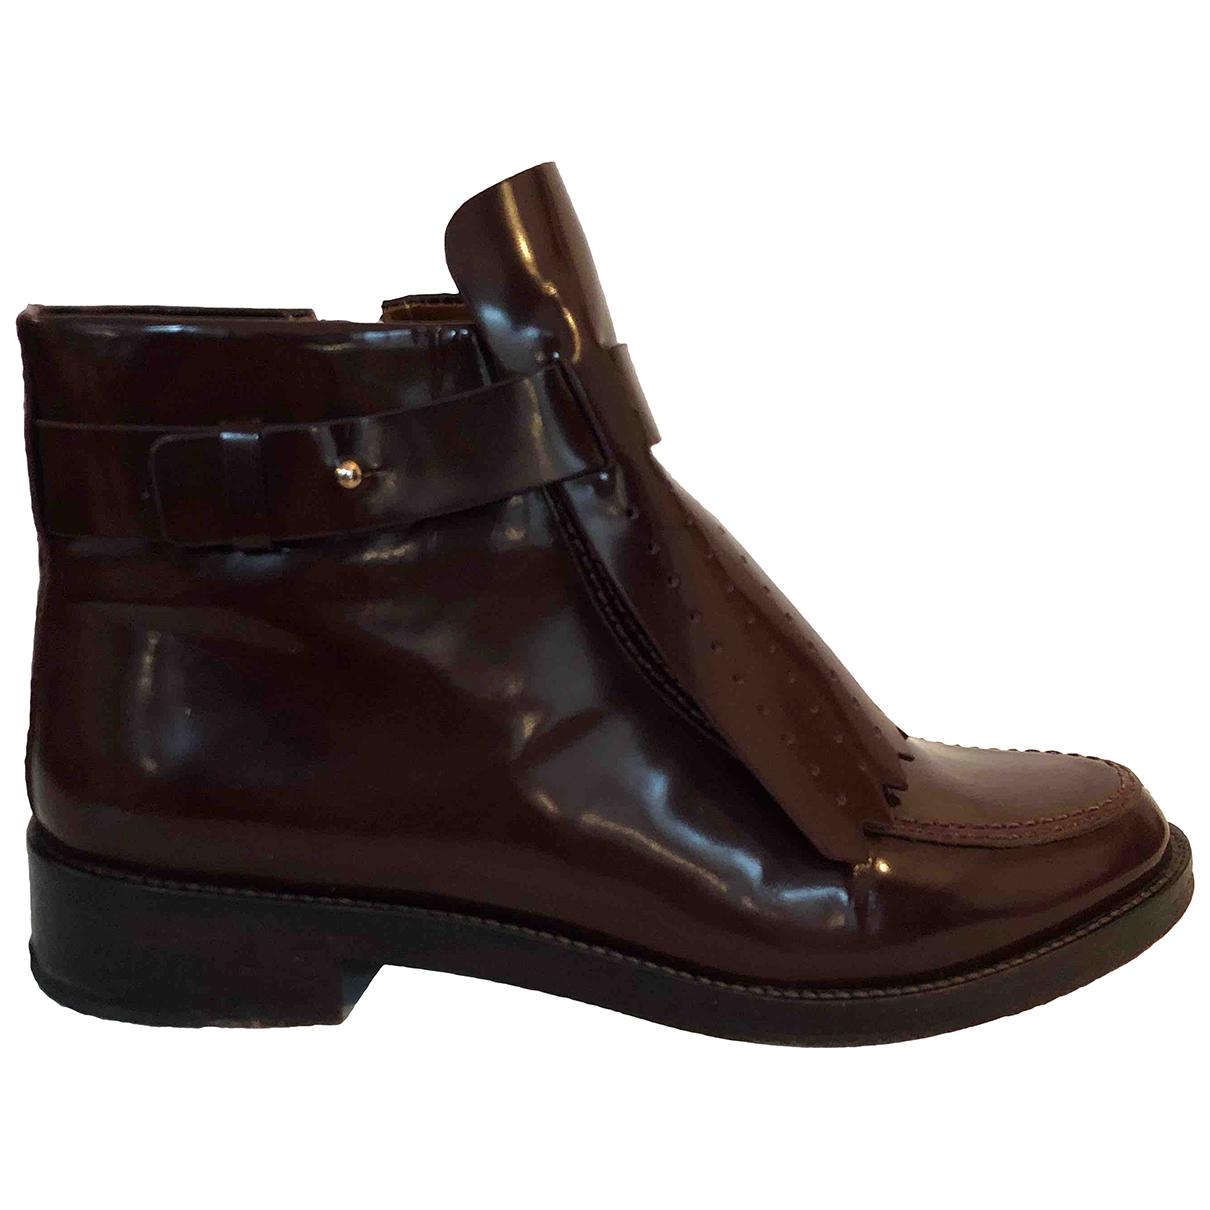 Tory Burch - Boots   pour femme en cuir - bordeaux